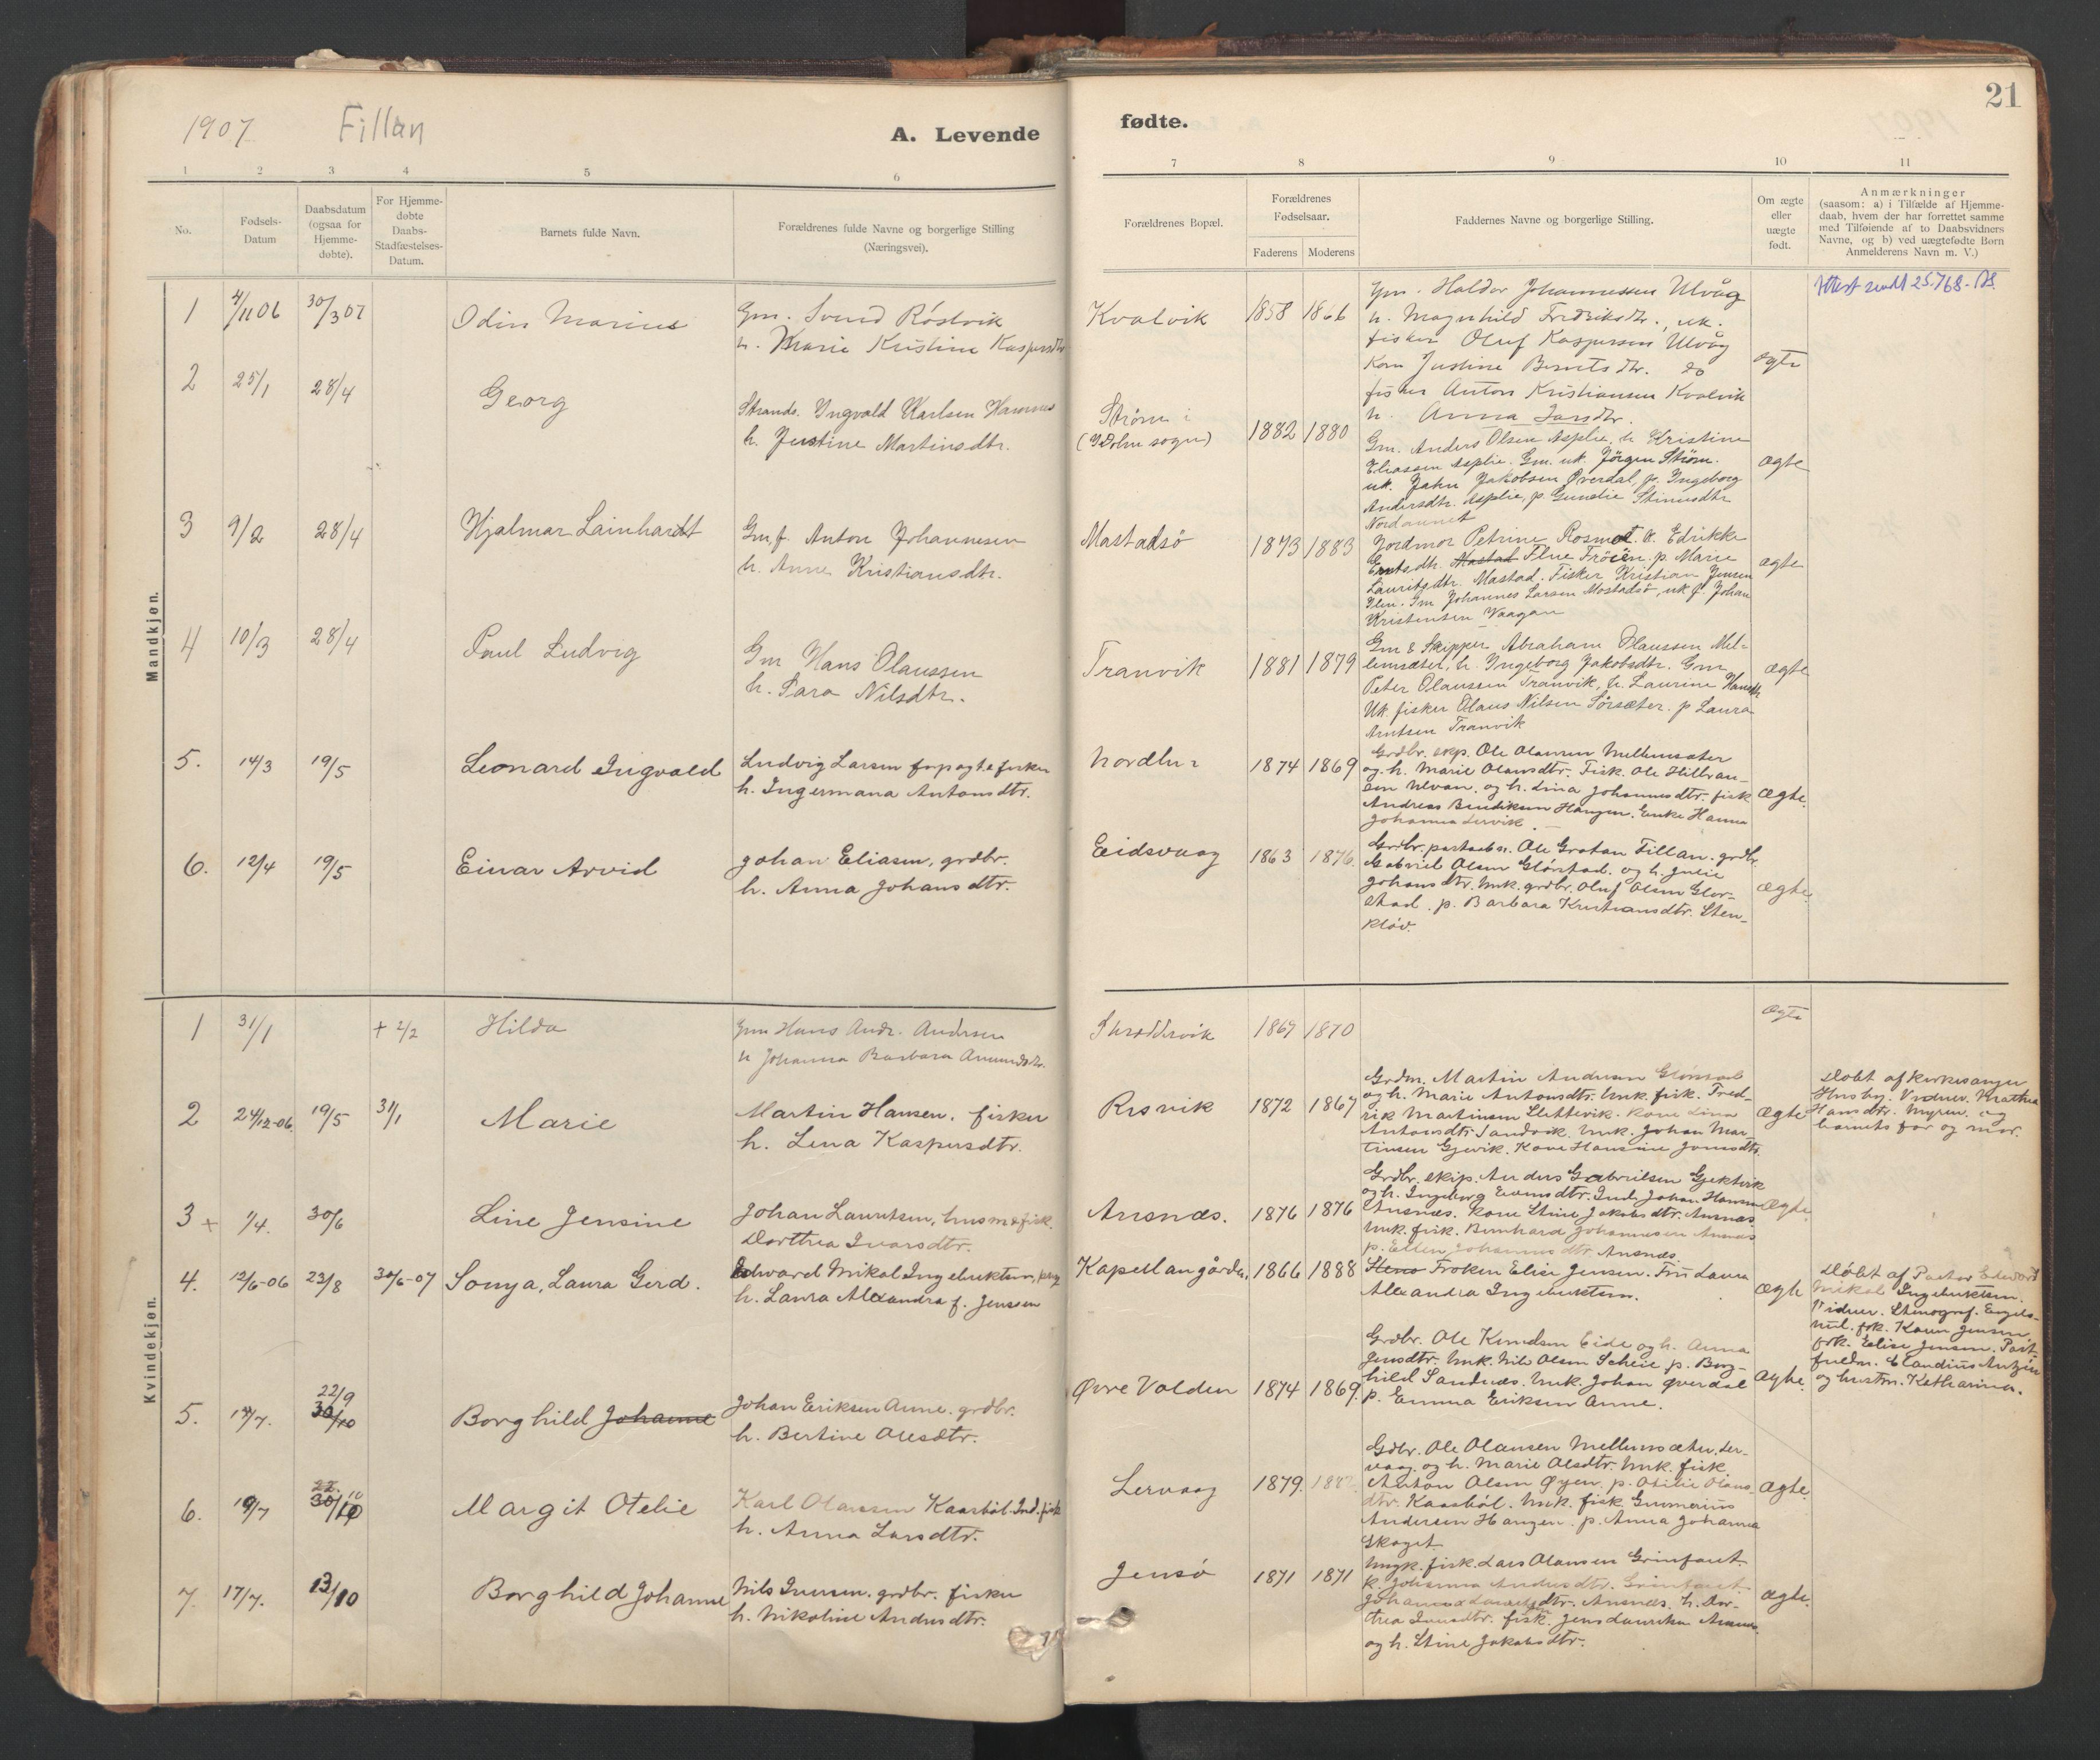 SAT, Ministerialprotokoller, klokkerbøker og fødselsregistre - Sør-Trøndelag, 637/L0559: Ministerialbok nr. 637A02, 1899-1923, s. 21